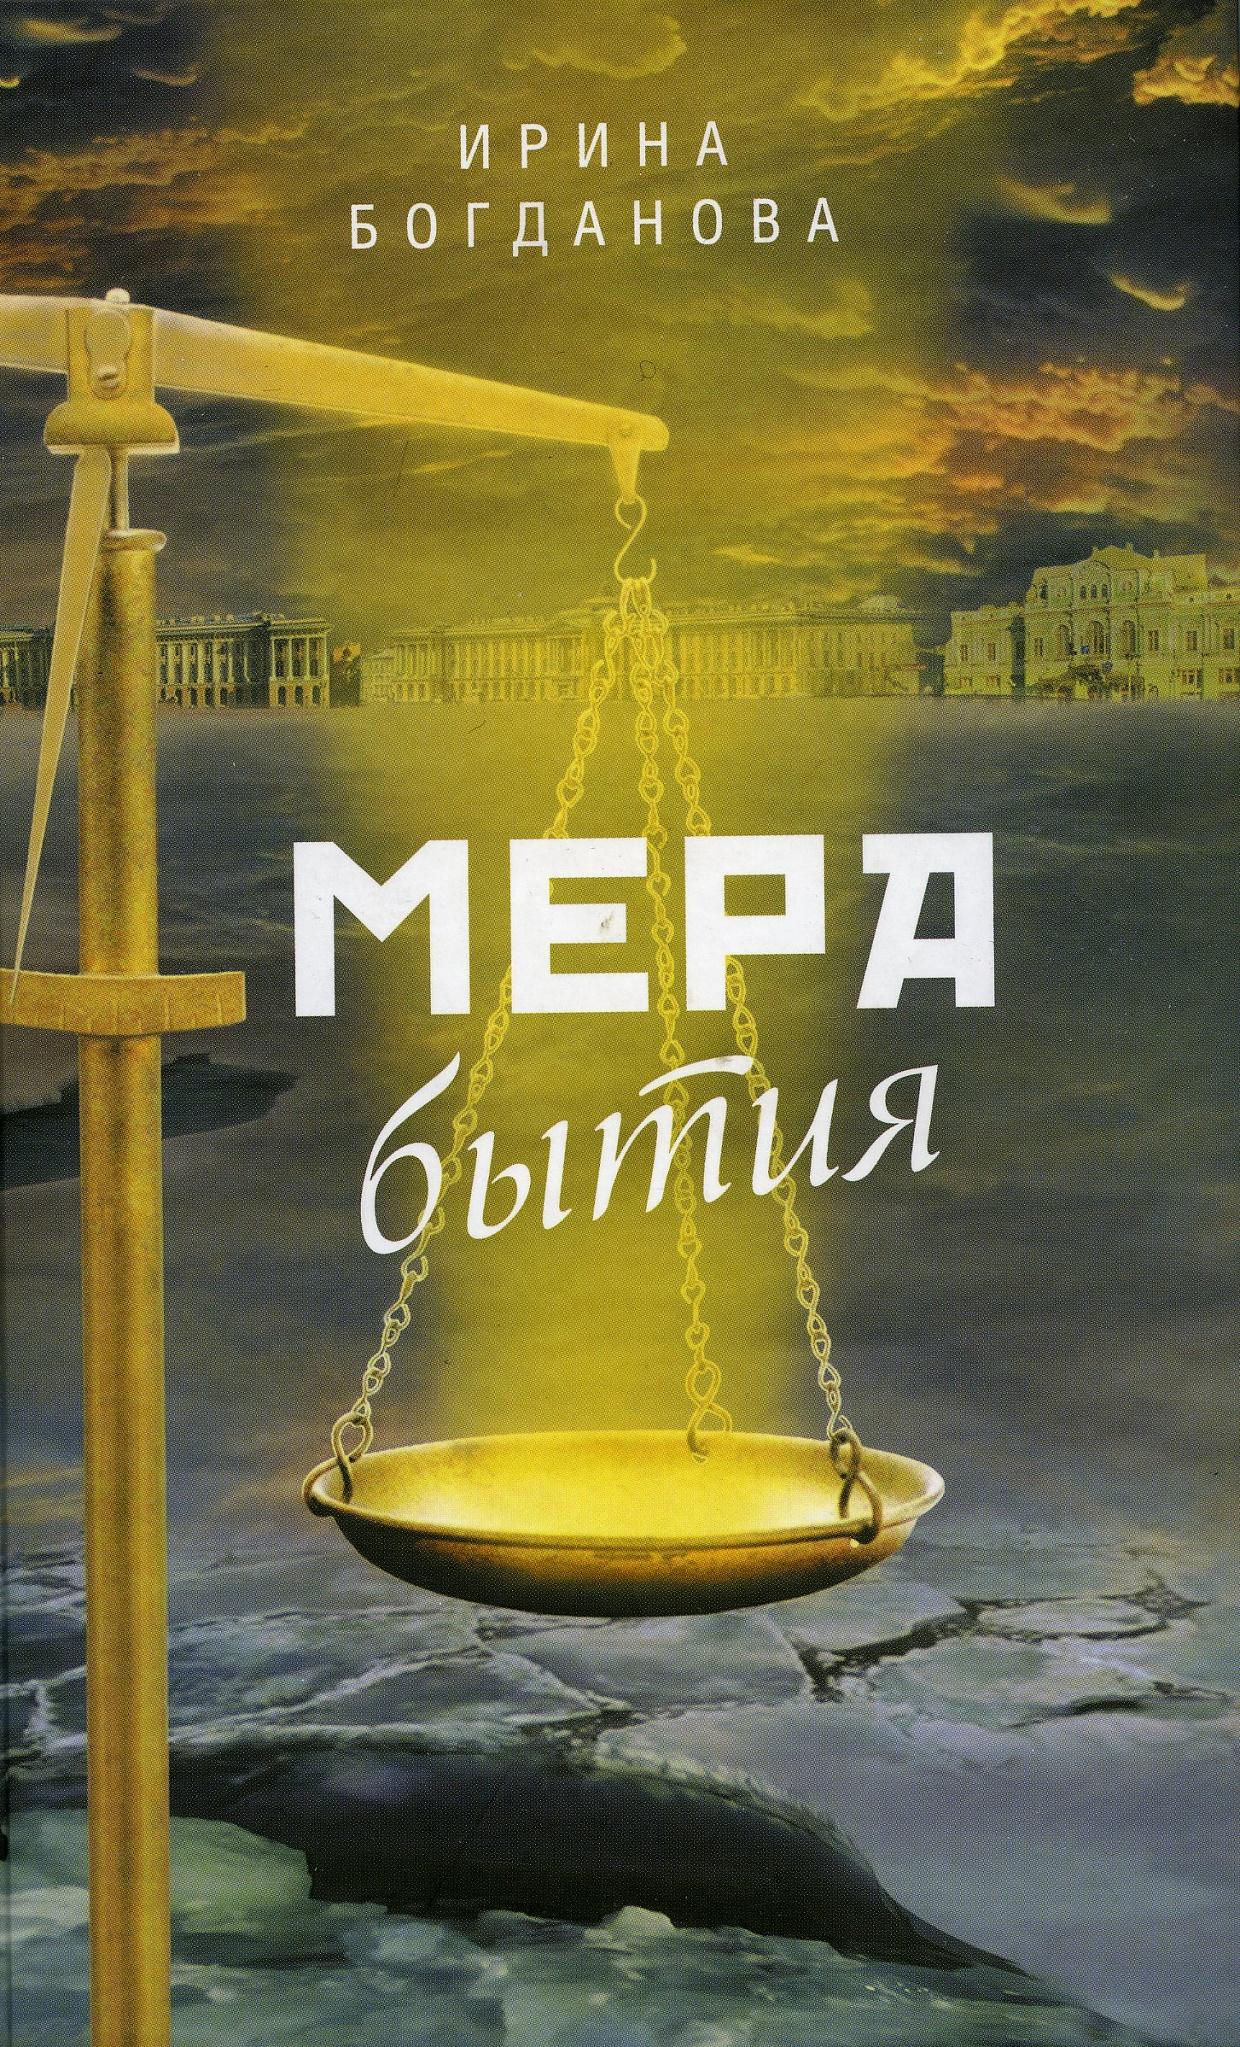 И.Богданова, Мера бытия